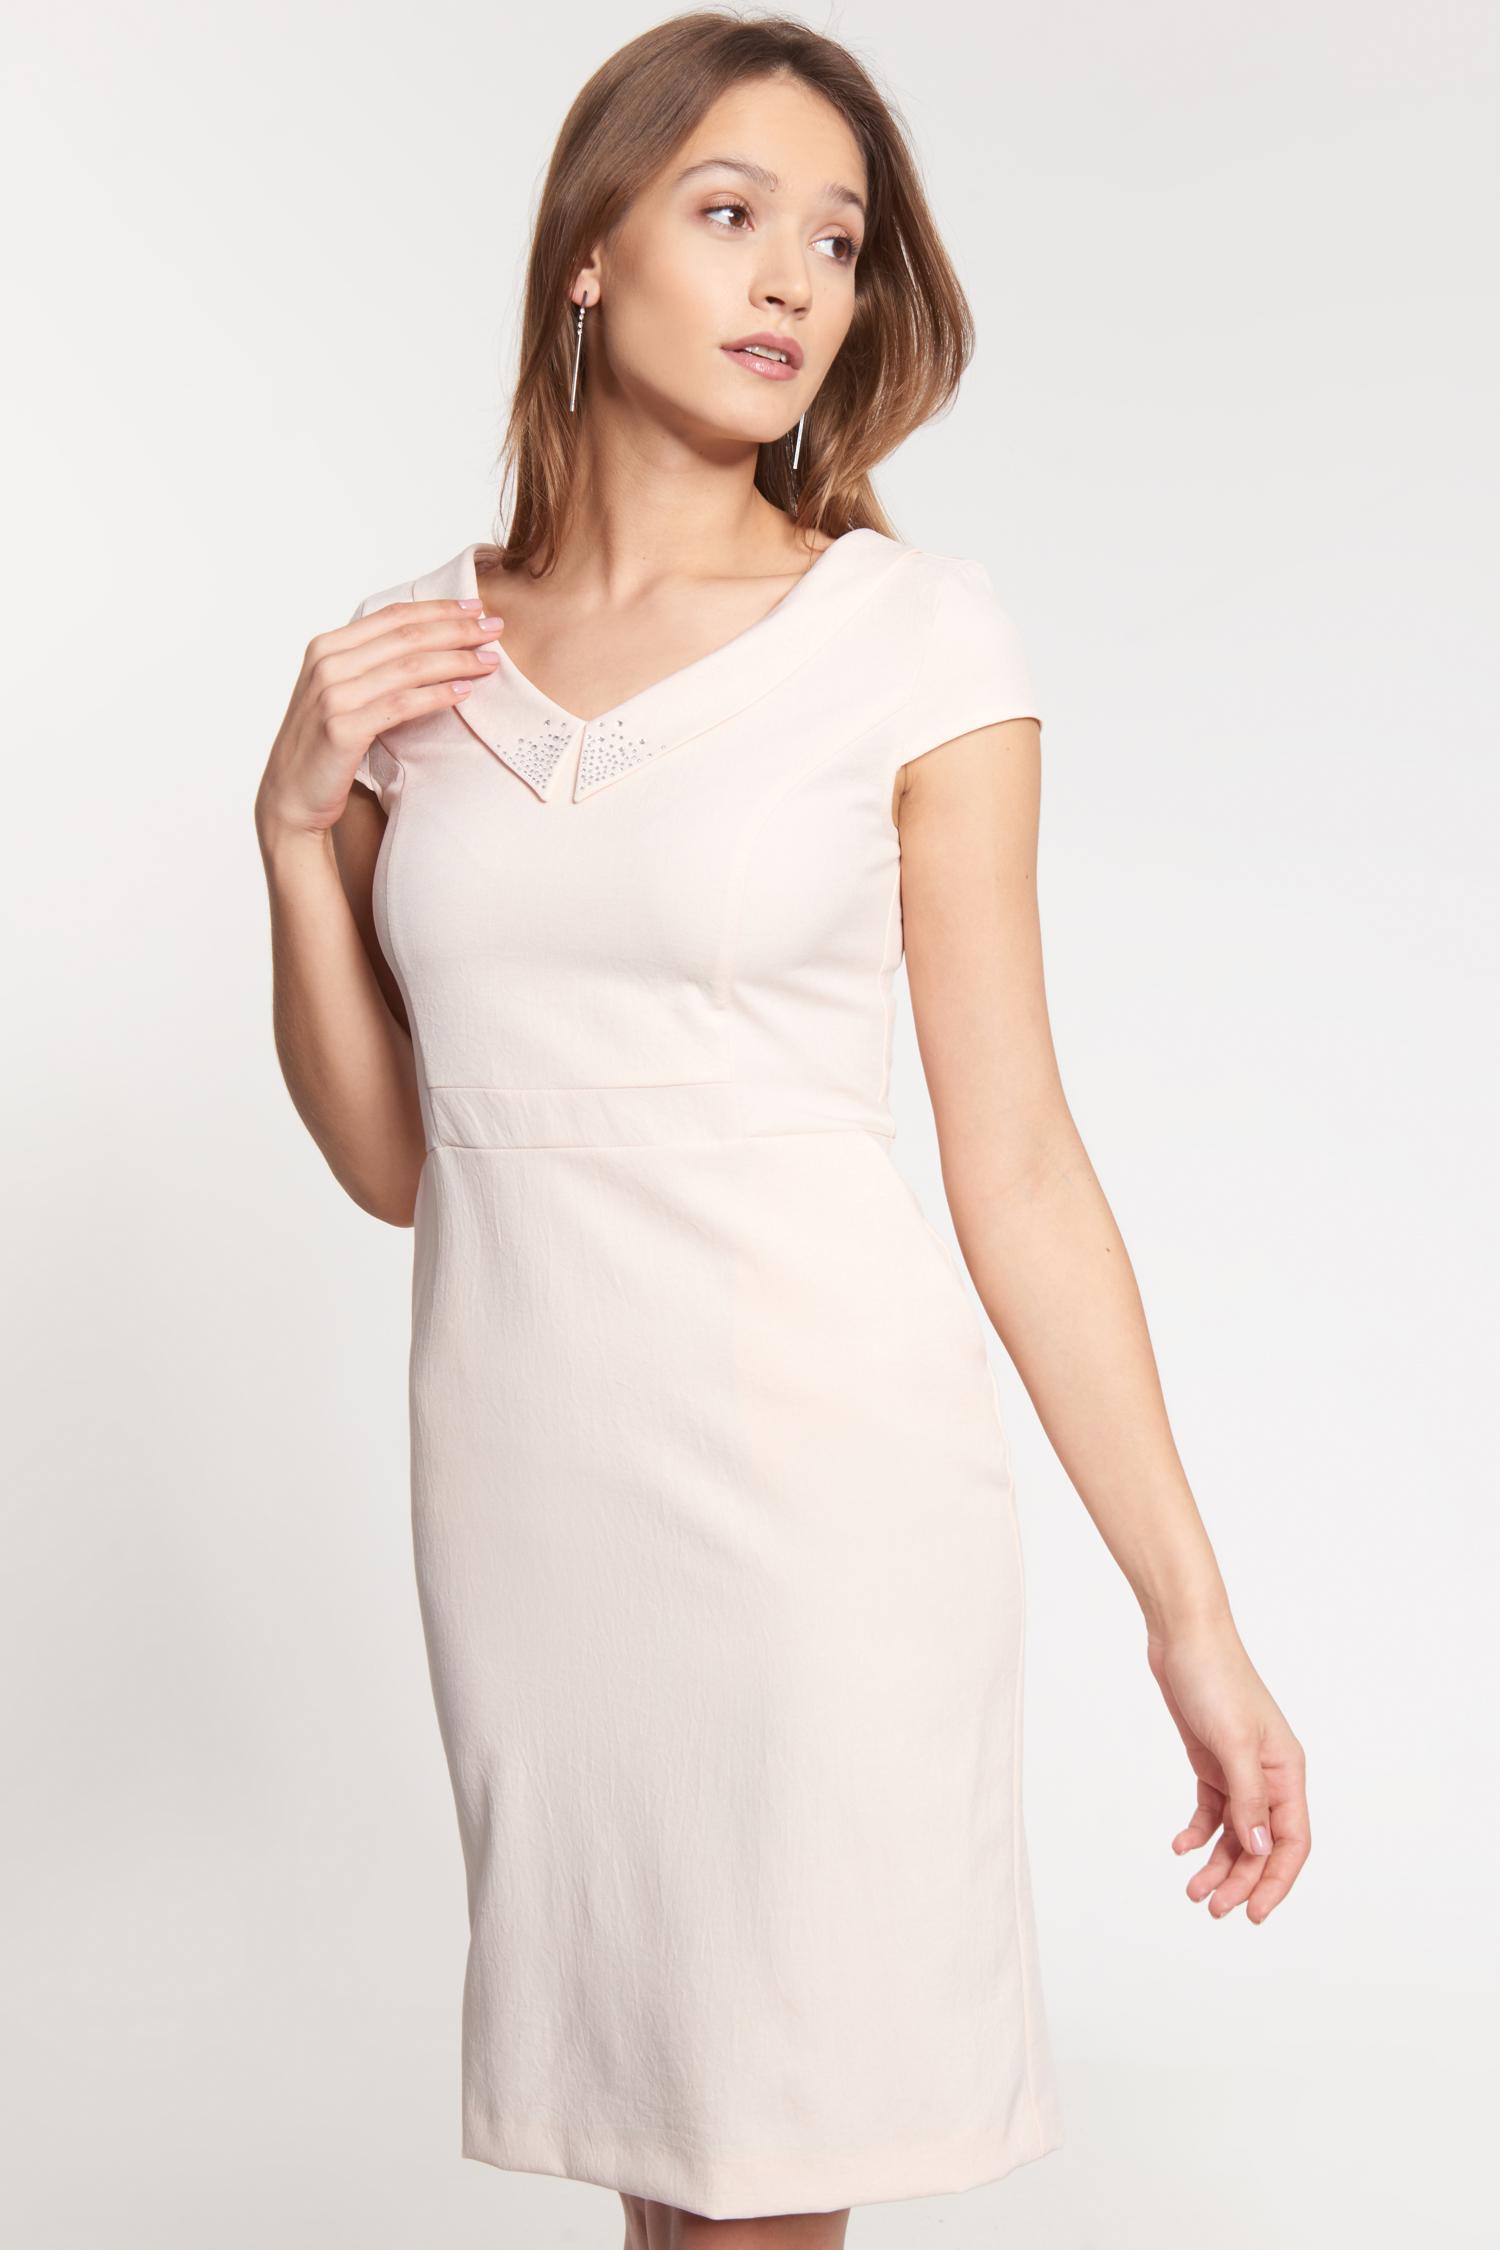 Kremowa sukienka z szerokim ko³nierzem